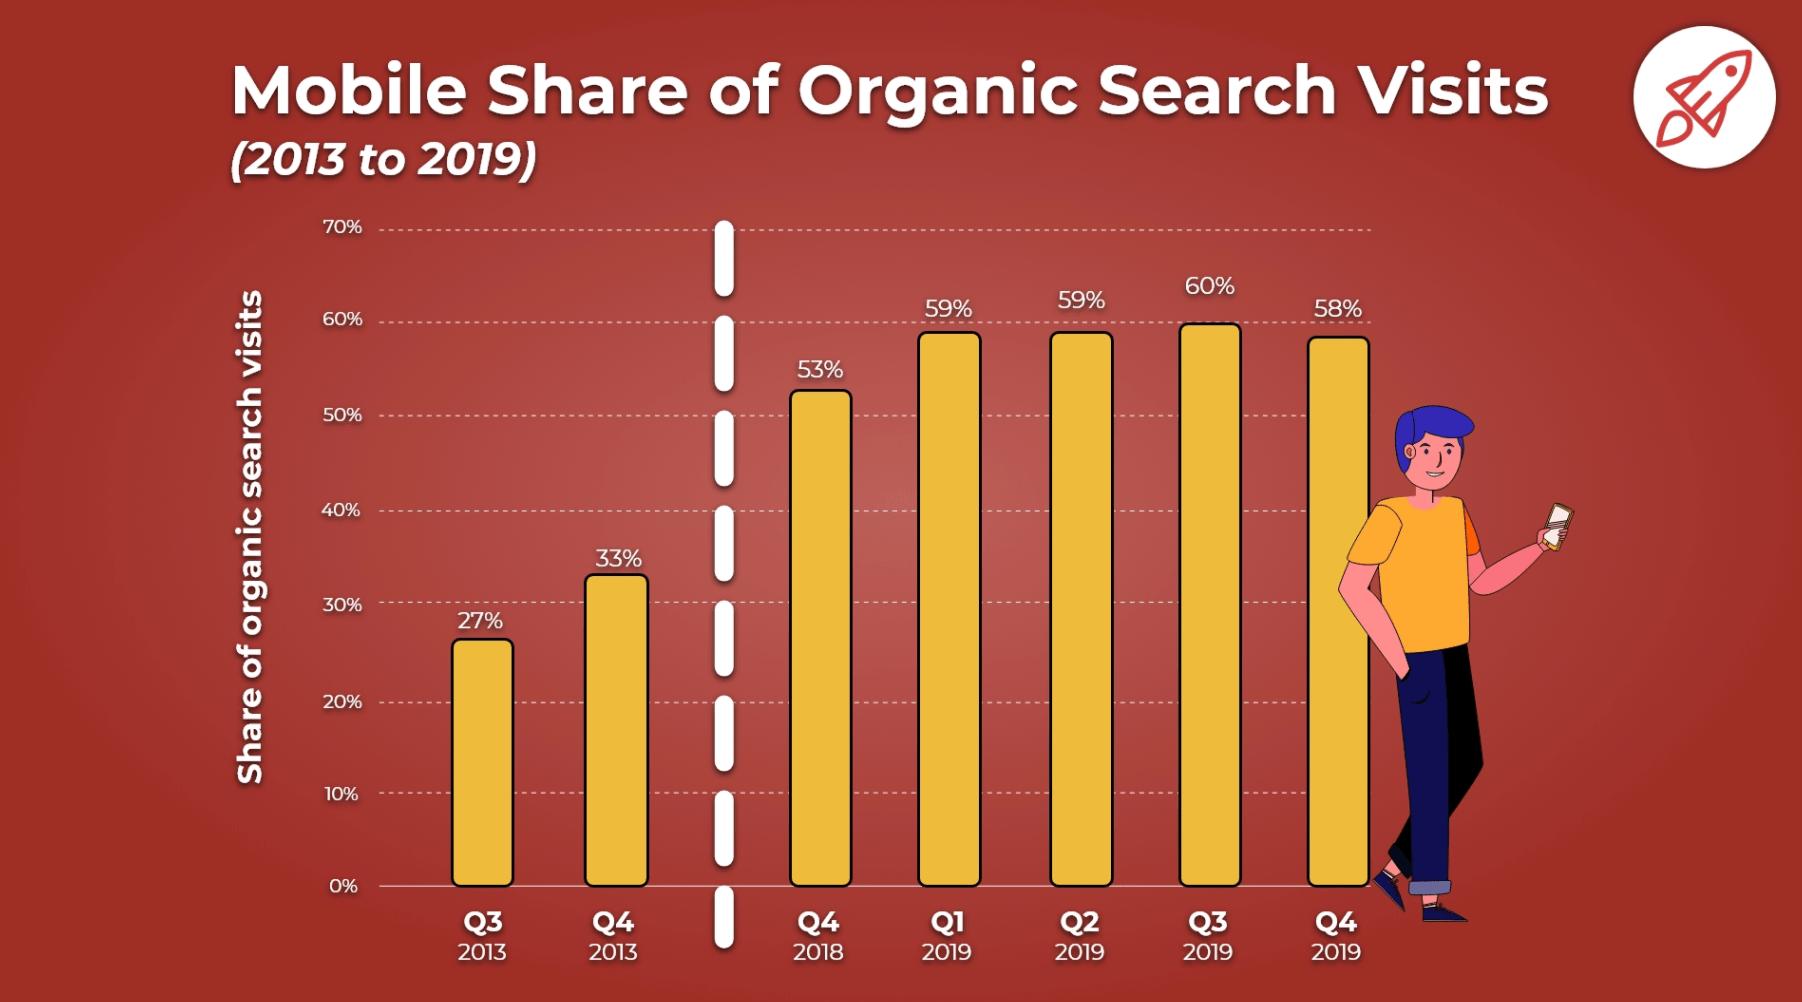 gráfico de porcentaje de visitas de búsqueda orgánica en dispositivos móviles